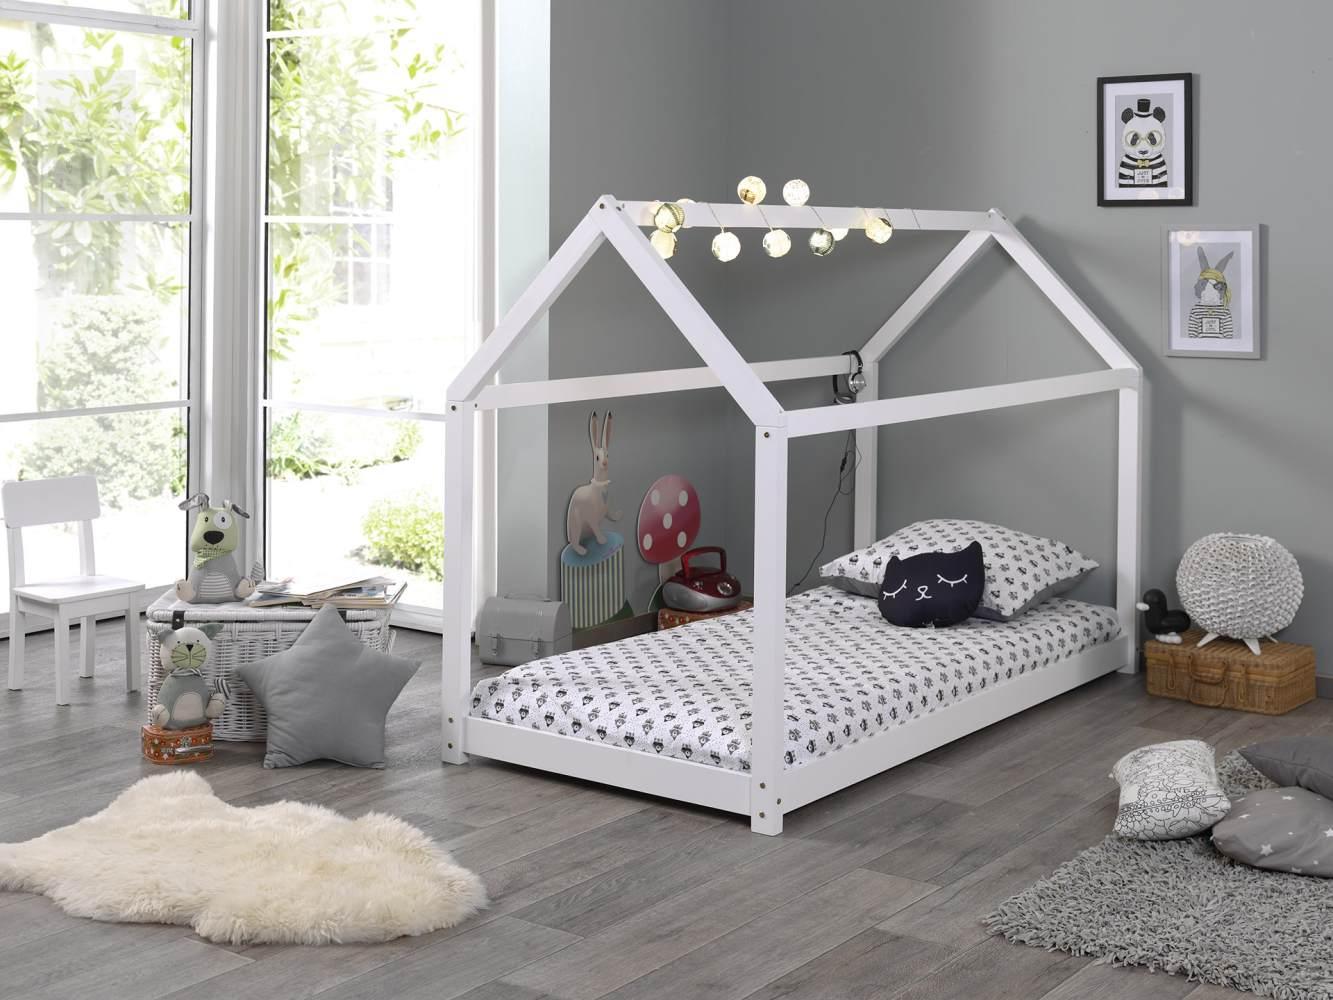 Vipack Hausbett Liegefläche 90 x 200 cm weiß Bild 1